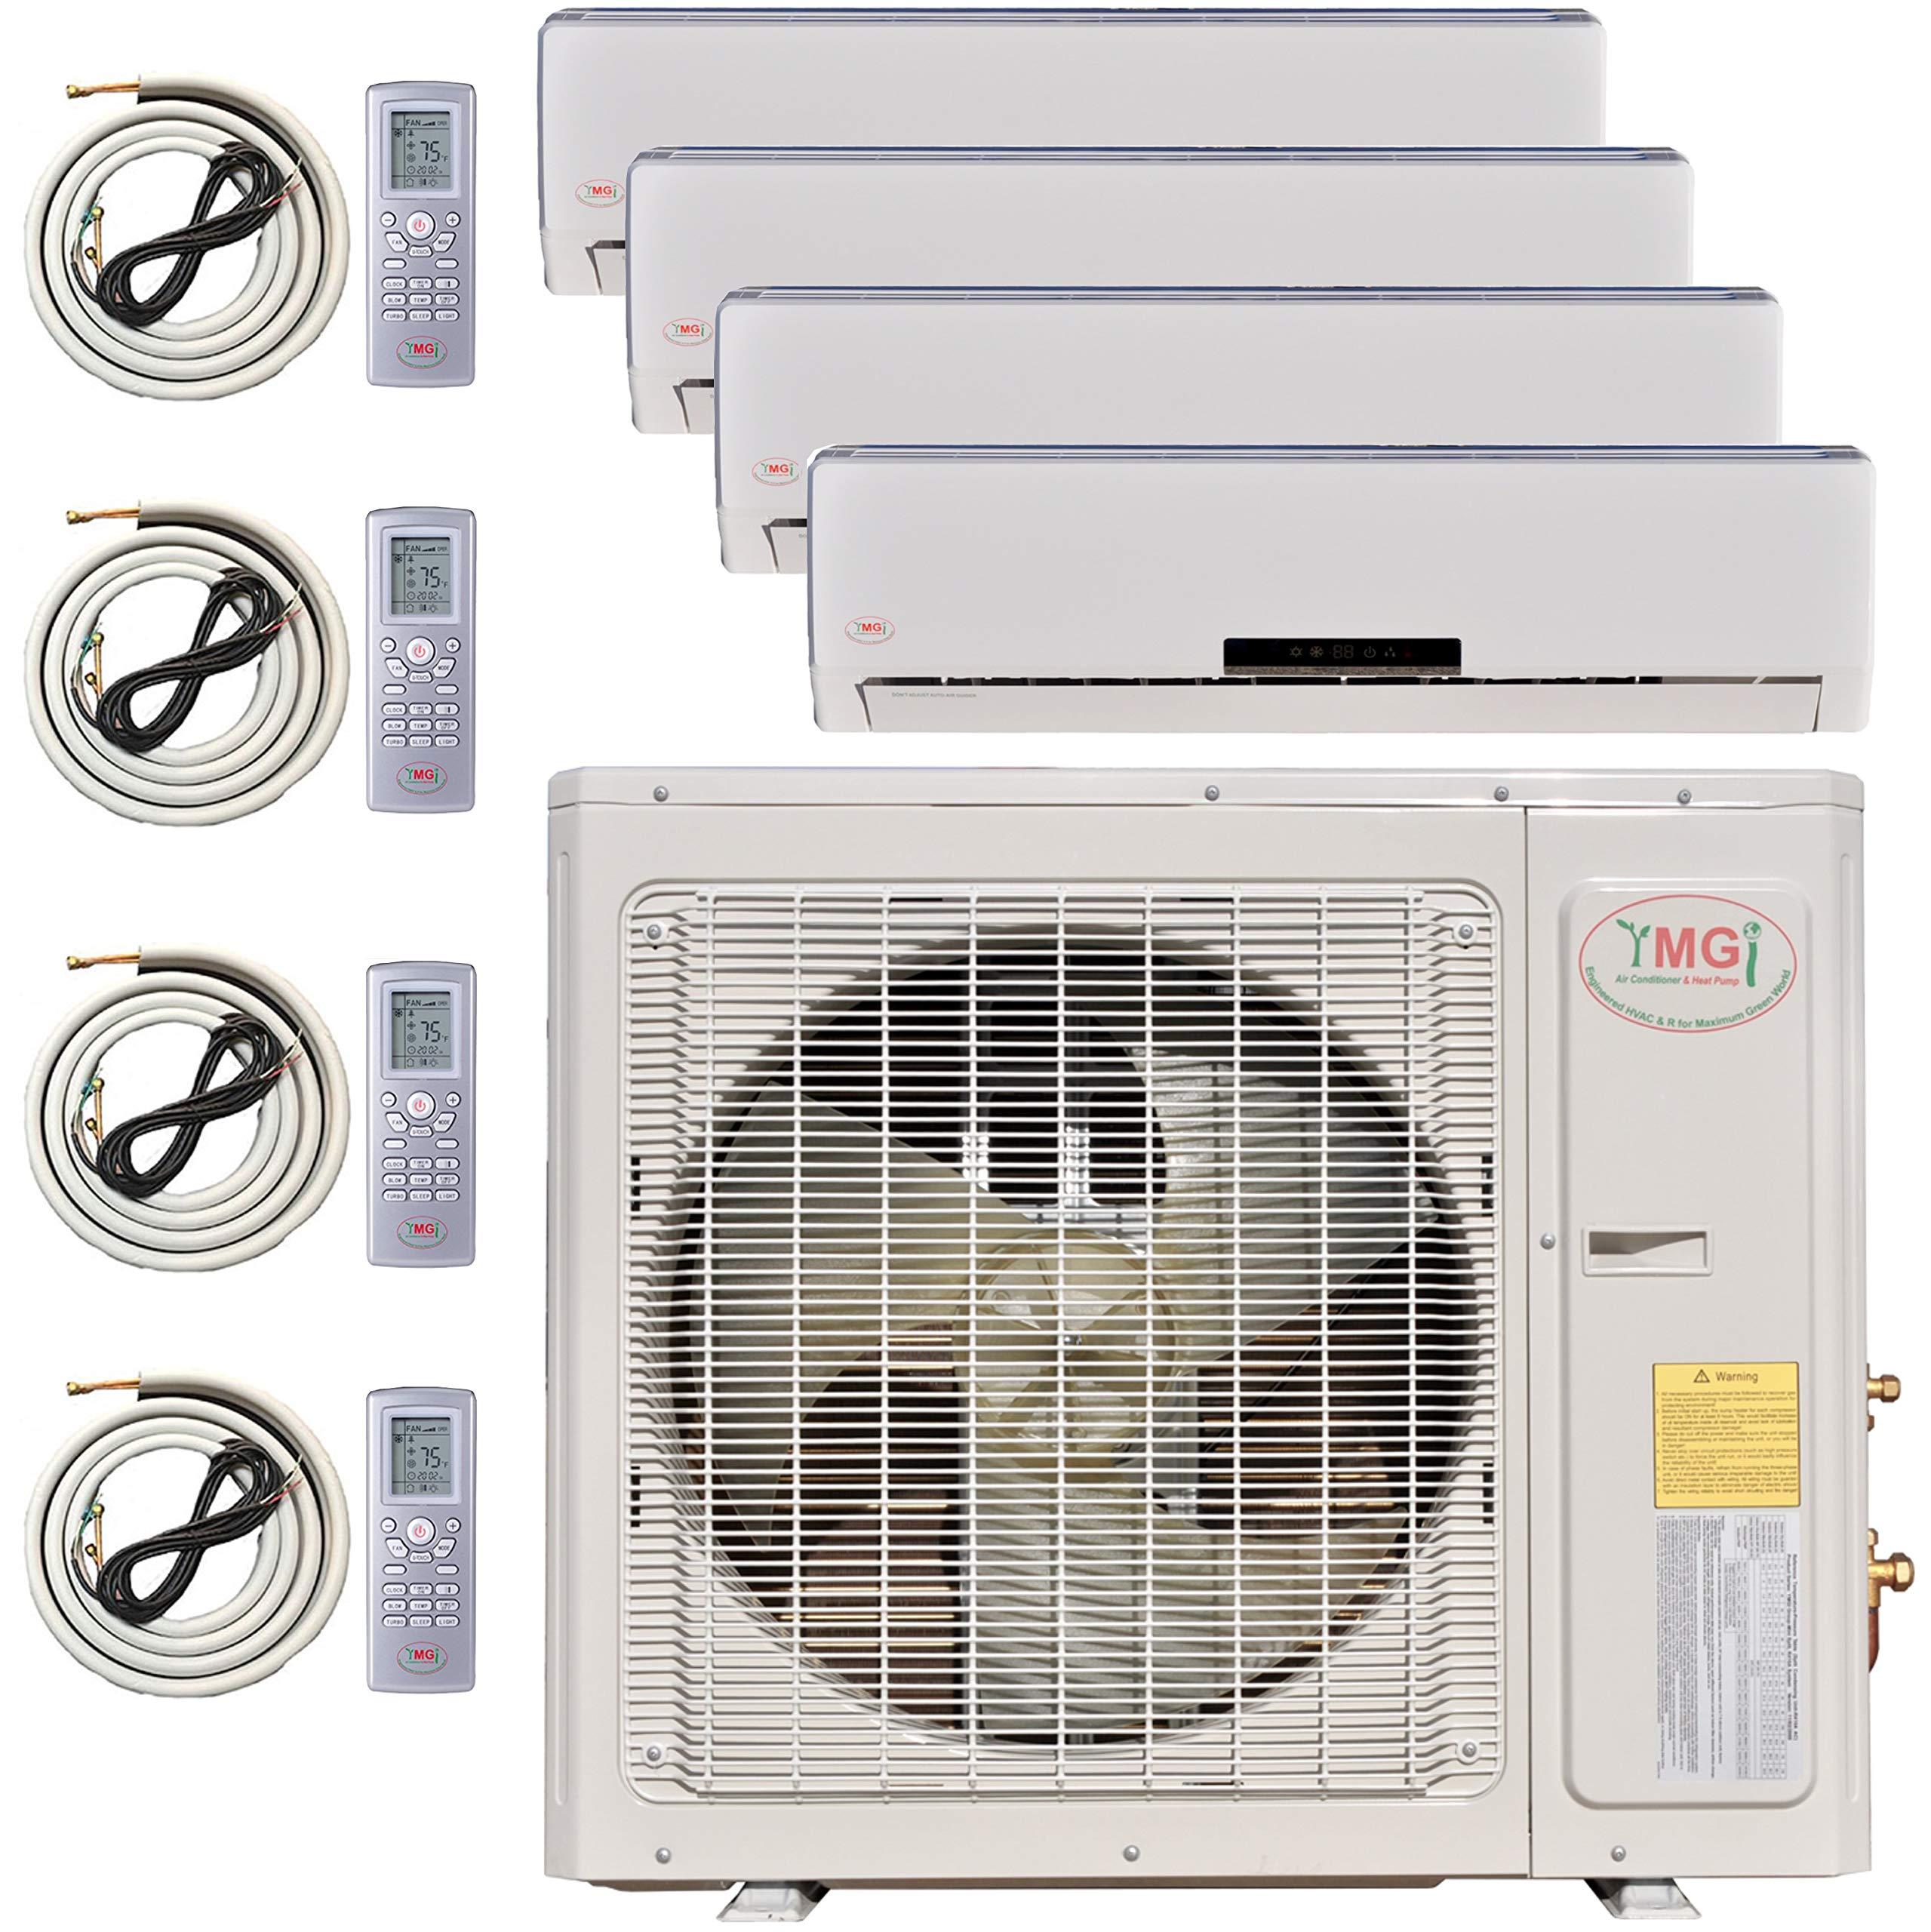 Ymgi Multi Zone Mini Split Ductless Air Conditioner Quad